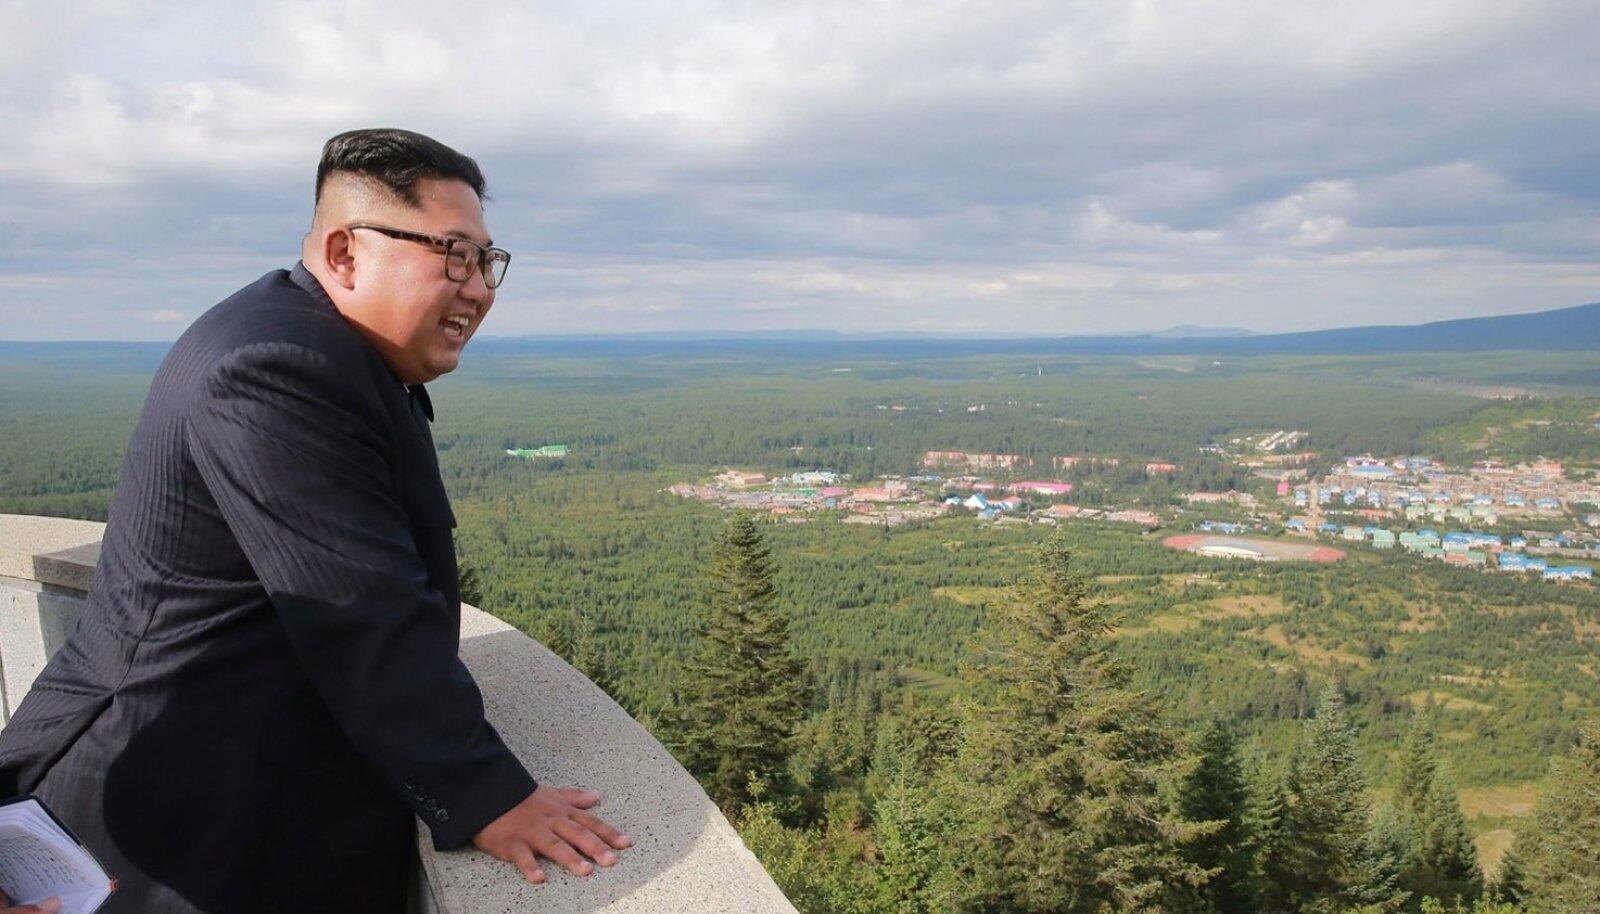 Õnneks poseerib Kim Jong-un praegu siiski pigem ehitistel, põllul ja tehastes, mitte raketipolügoonidel.